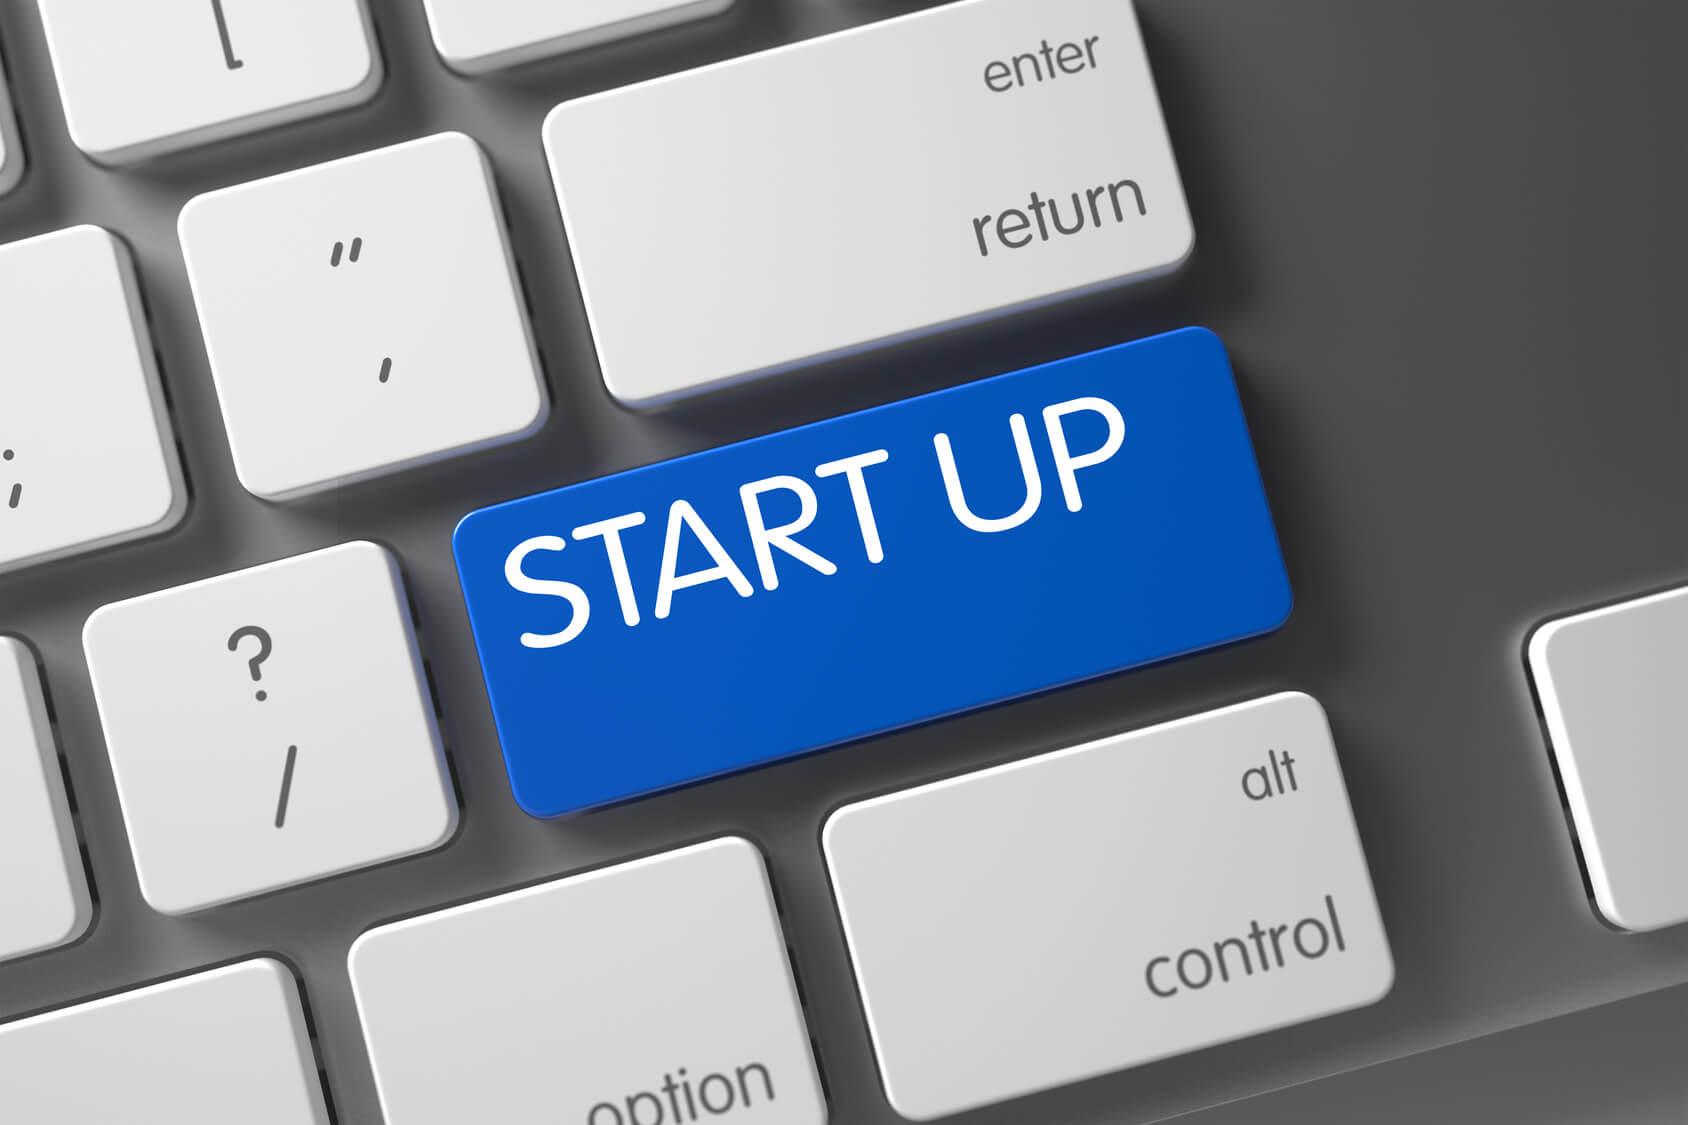 HUF 600 million investment for startup innovation